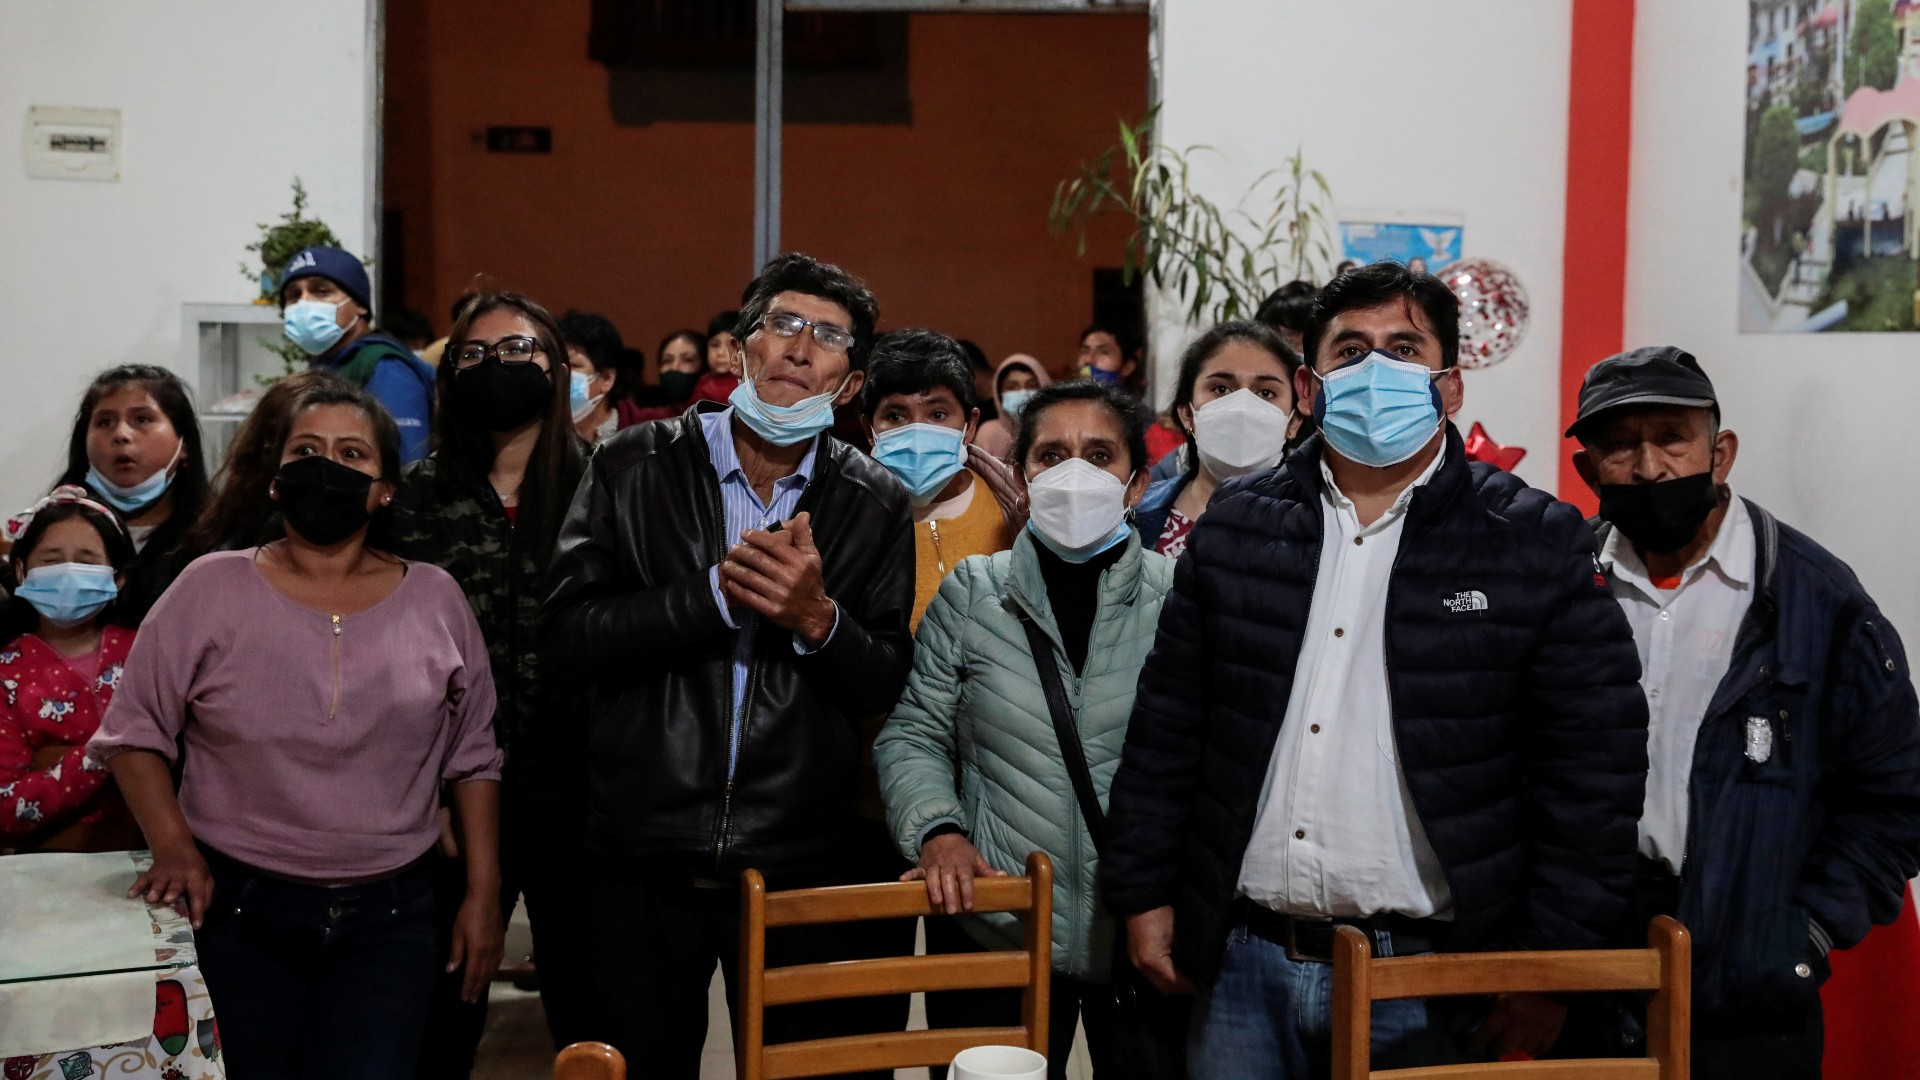 Apoiadores de Pedro Castillo acompanham divulgação de resultados no Peru